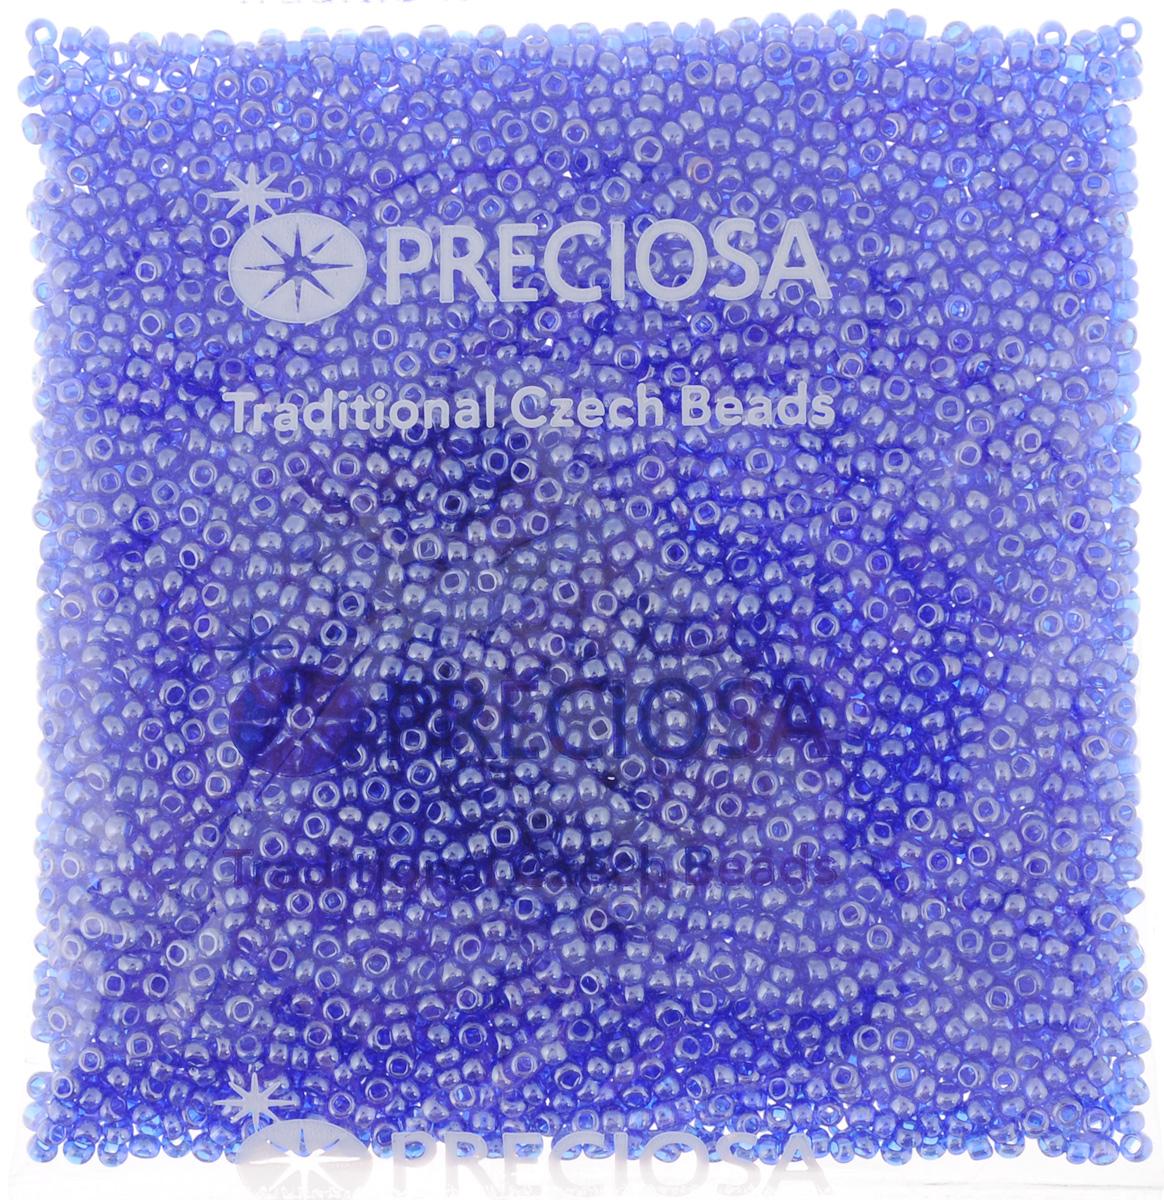 Бисер Preciosa Ассорти, непрозрачный, с радужным покрытием, цвет: темно-синий (30), 10/0, 50 г163142_30_ синийБисер Preciosa Ассорти, изготовленный из стекла круглой формы, позволит вам своими руками создать оригинальные ожерелья, бусы или браслеты, а также заняться вышиванием. В бисероплетении часто используют бисер разных размеров и цветов. Он идеально подойдет для вышивания на предметах быта и женской одежде. Изготовление украшений - занимательное хобби и реализация творческих способностей рукодельницы, это возможность создания неповторимого индивидуального подарка.